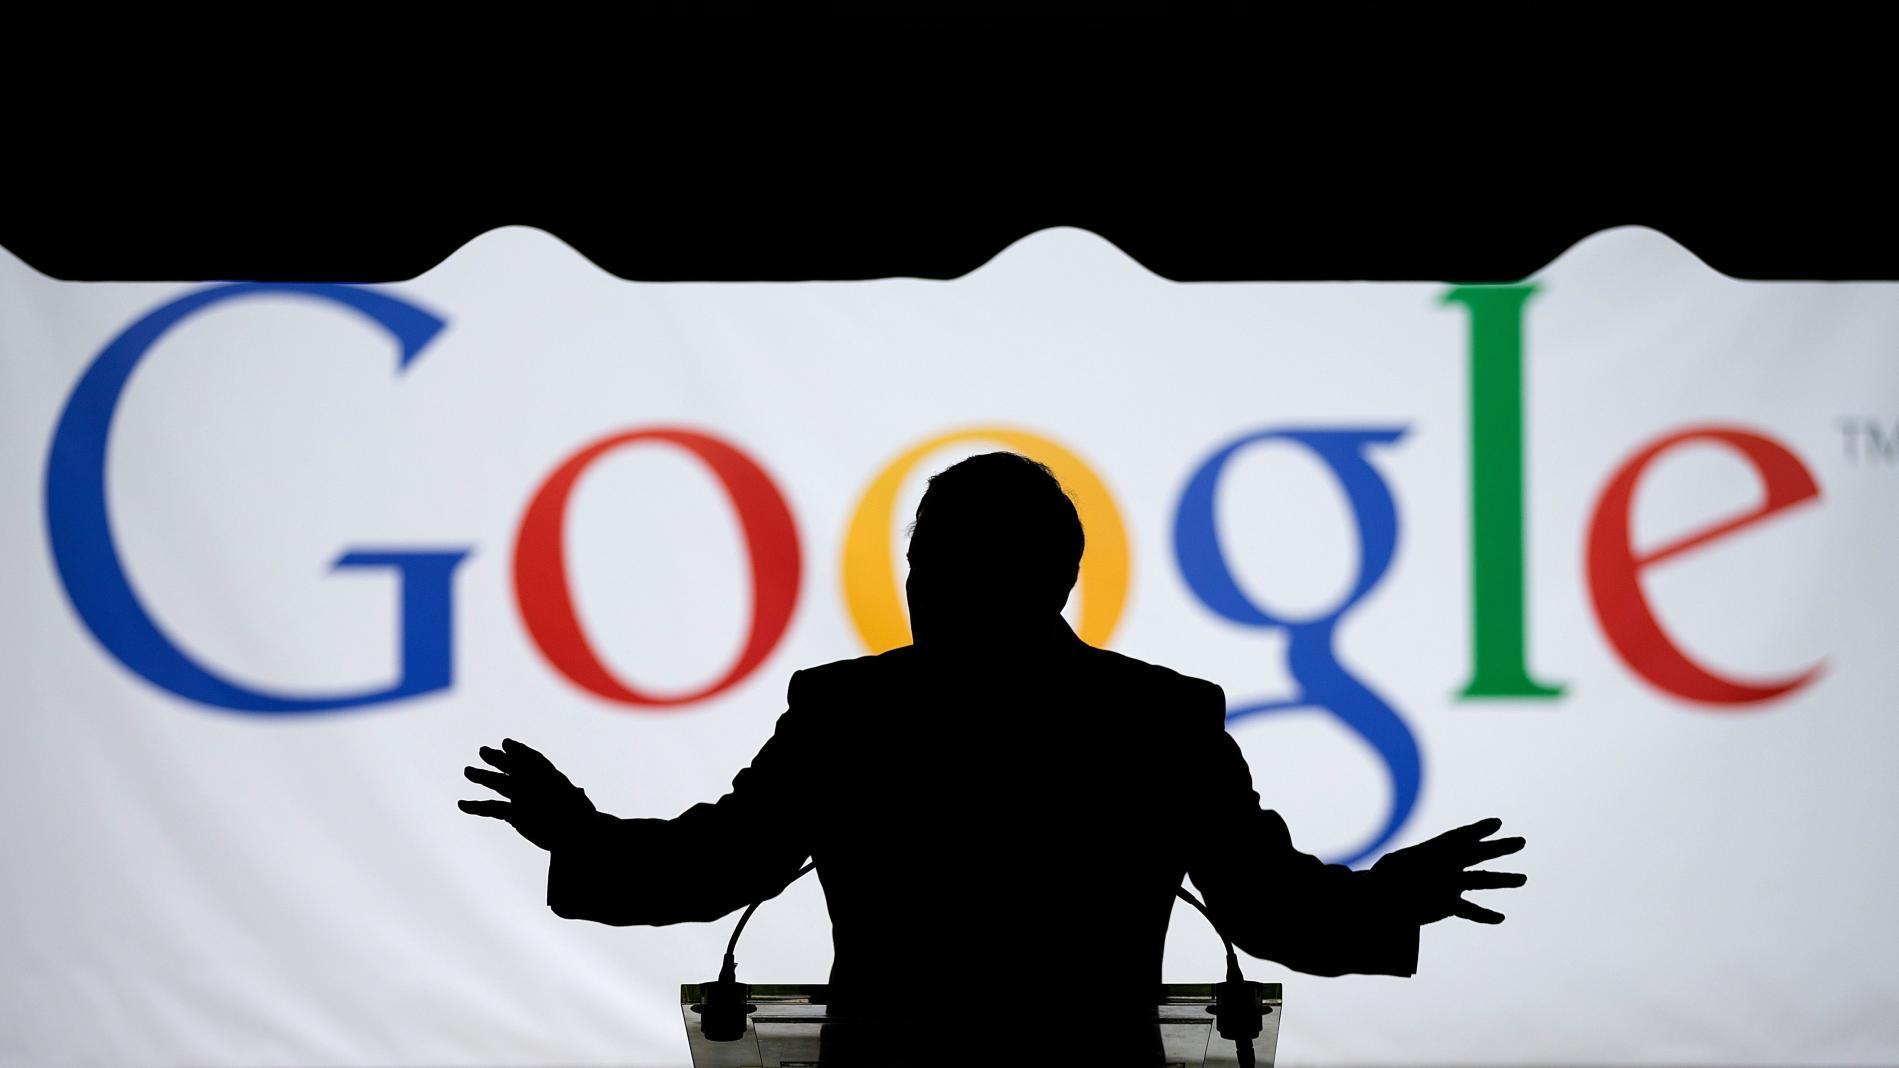 """比价网站Kelkoo将向美国司法部""""控告""""谷歌实施垄断   6月6日坏消息榜"""